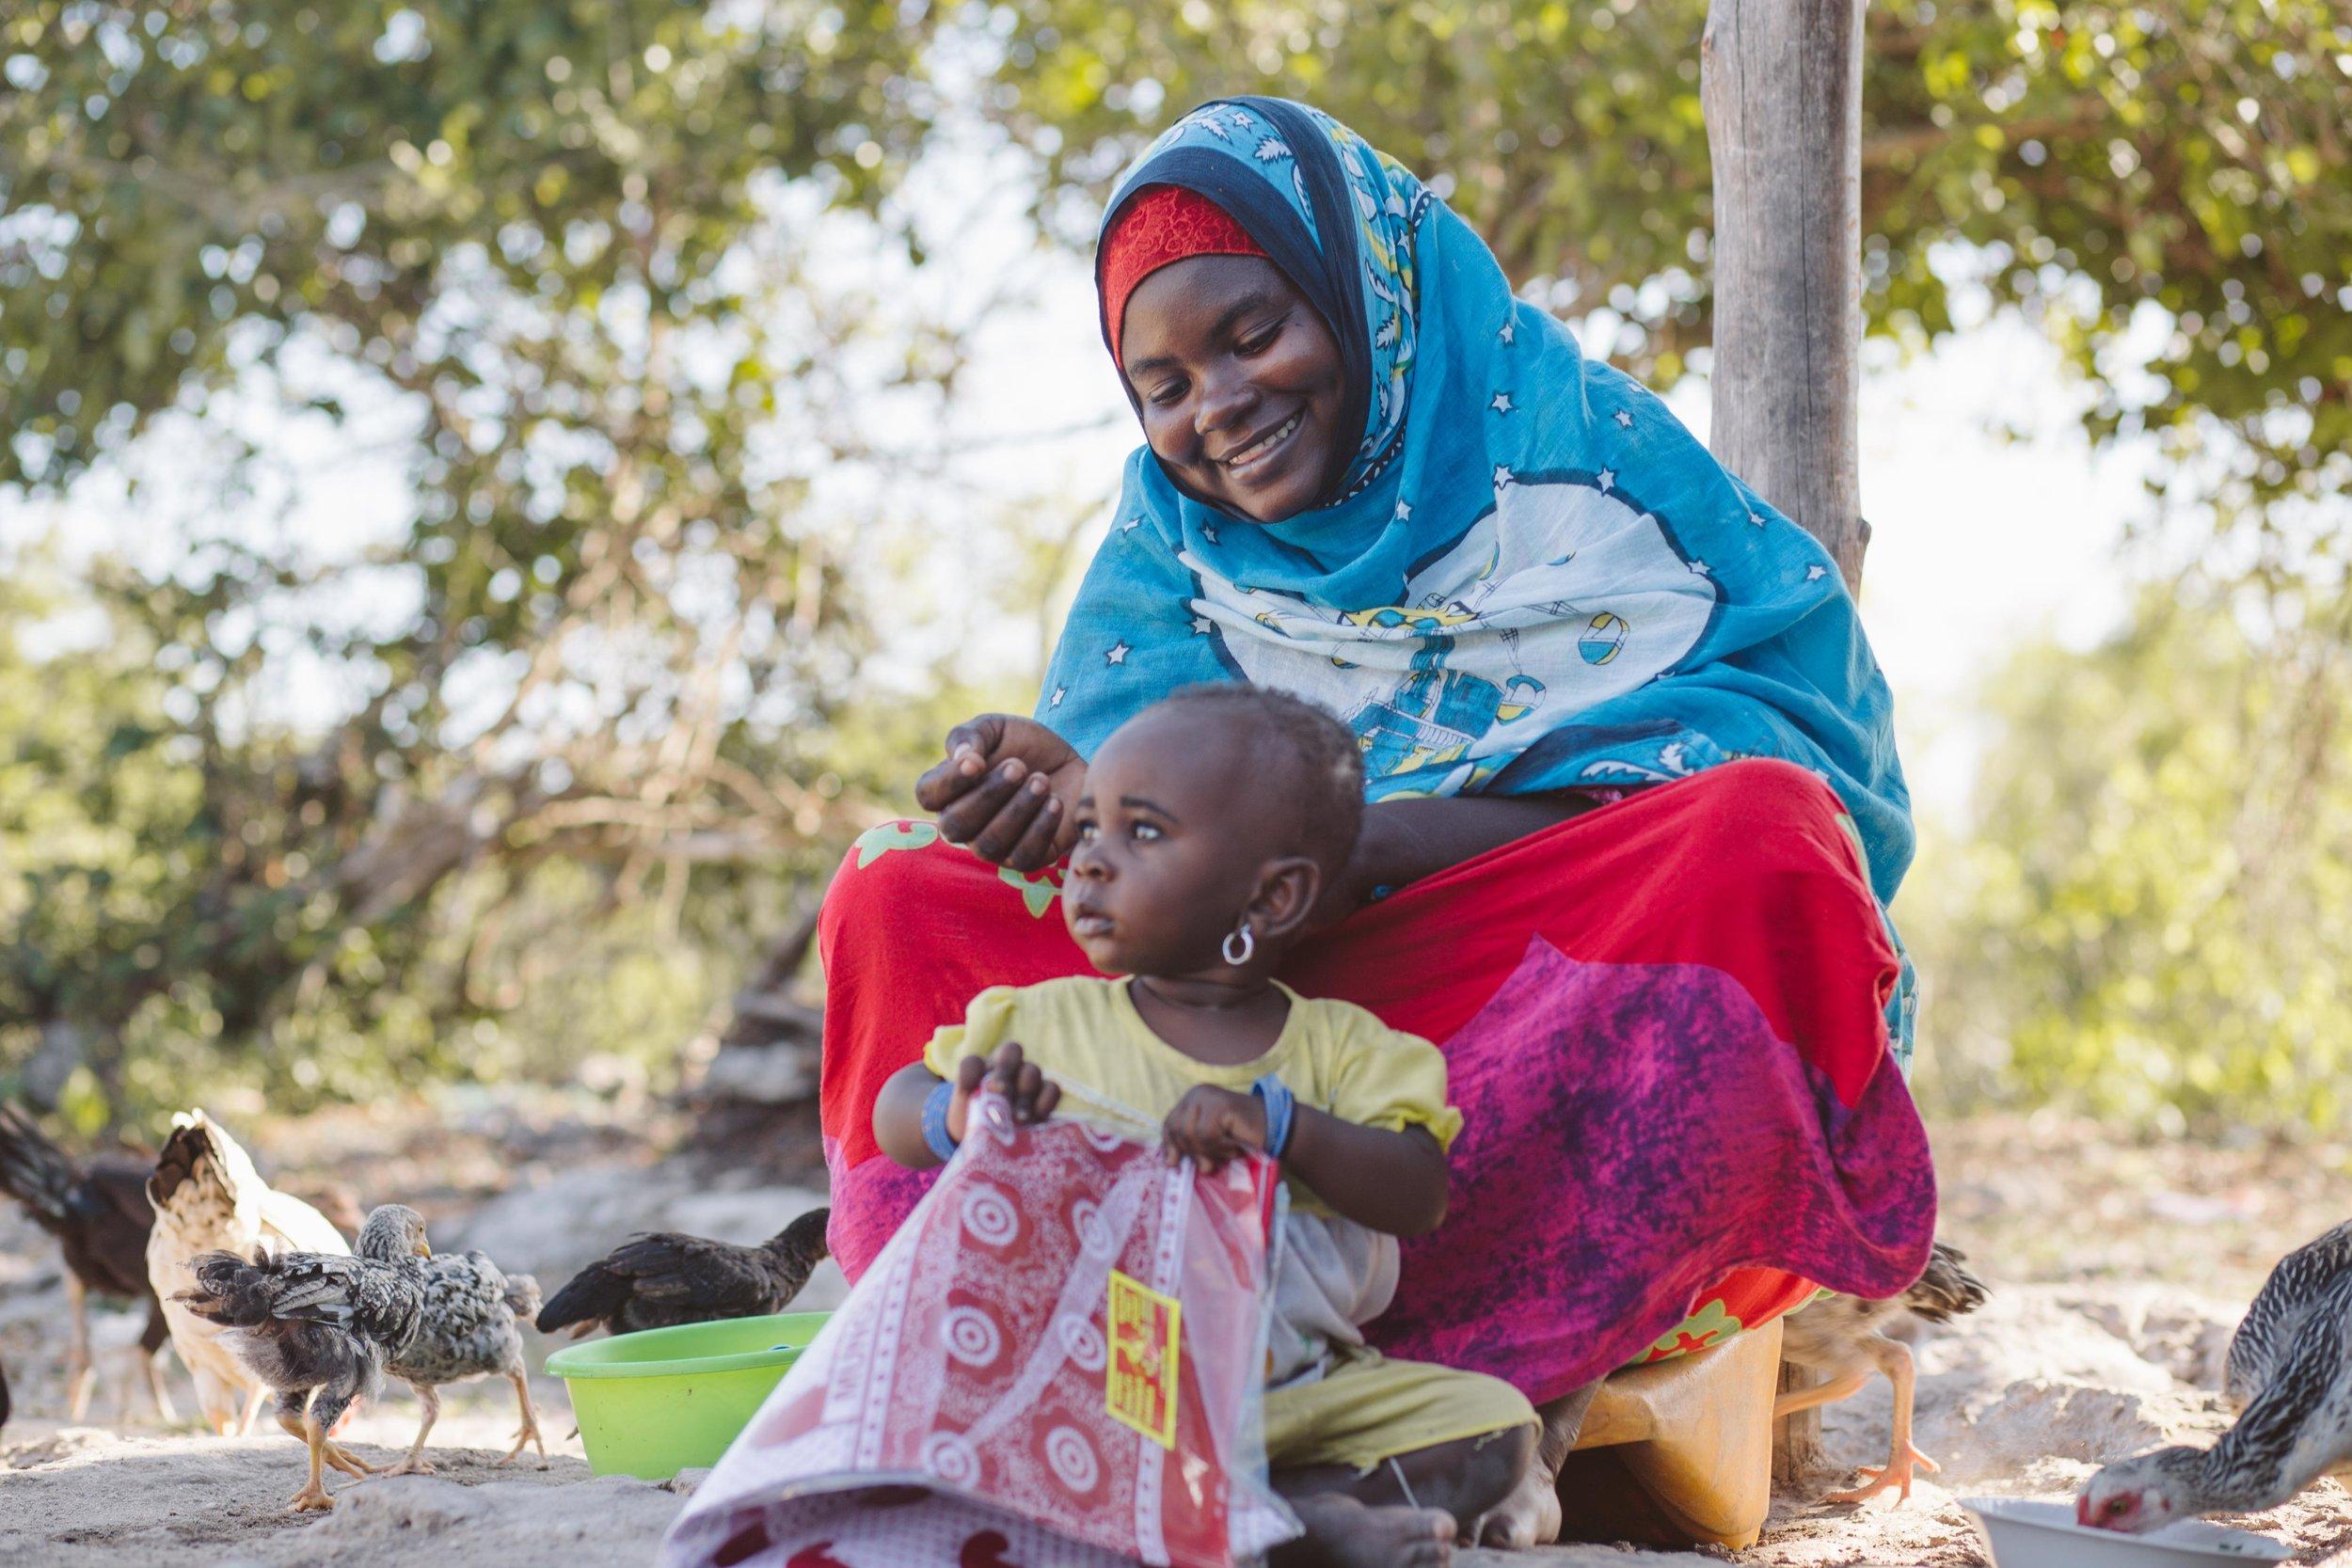 Muna_Ally_Zanzibar (5 of 10).jpg